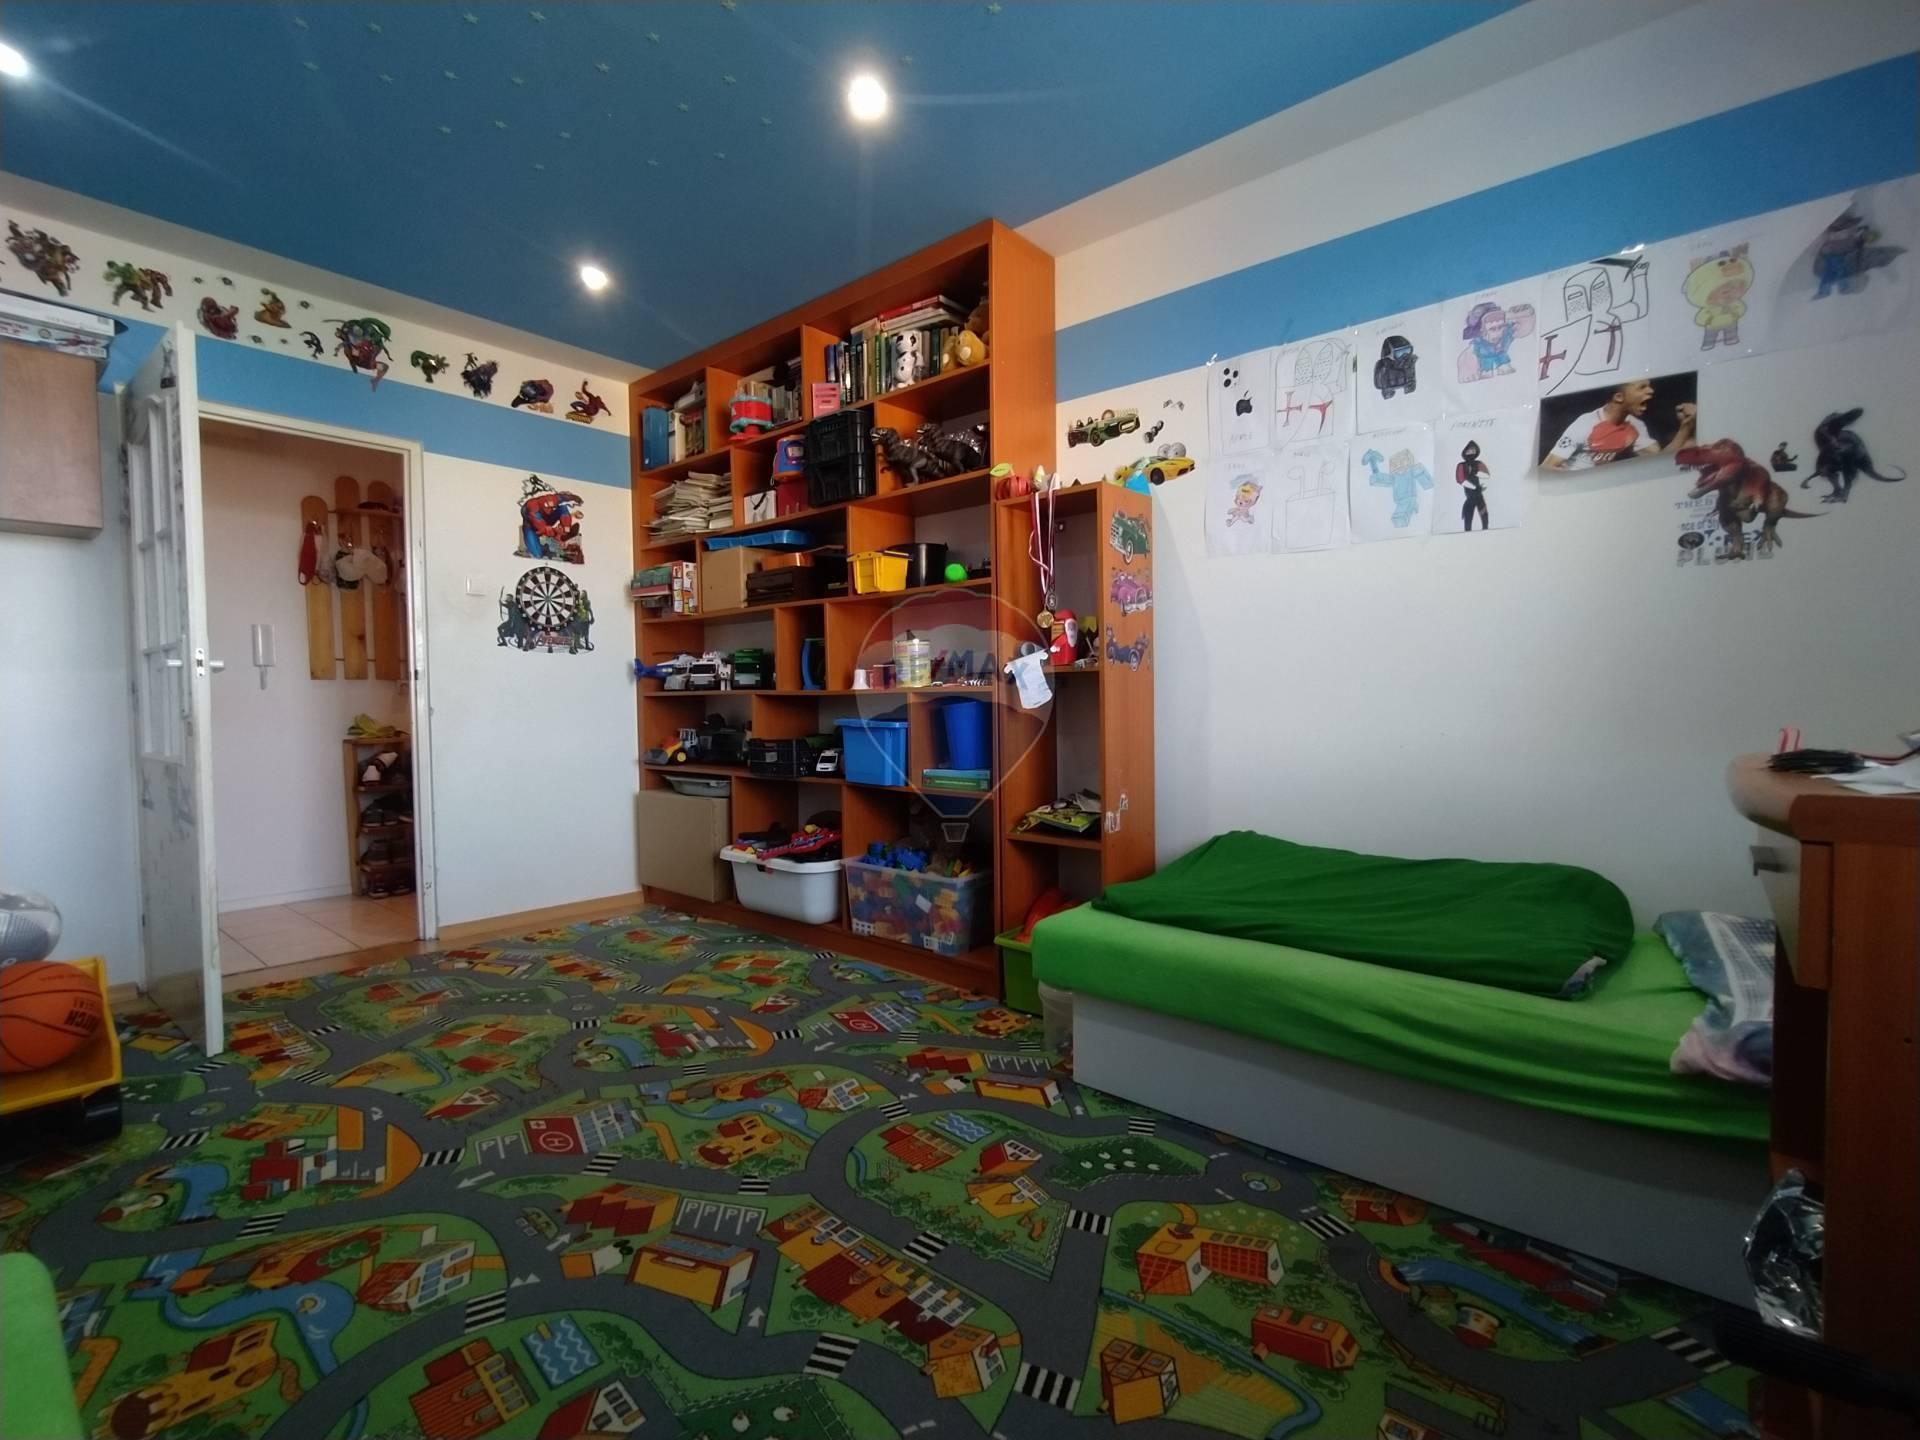 3-izbový byt na prenájom Tvrdošín, Medvedzie